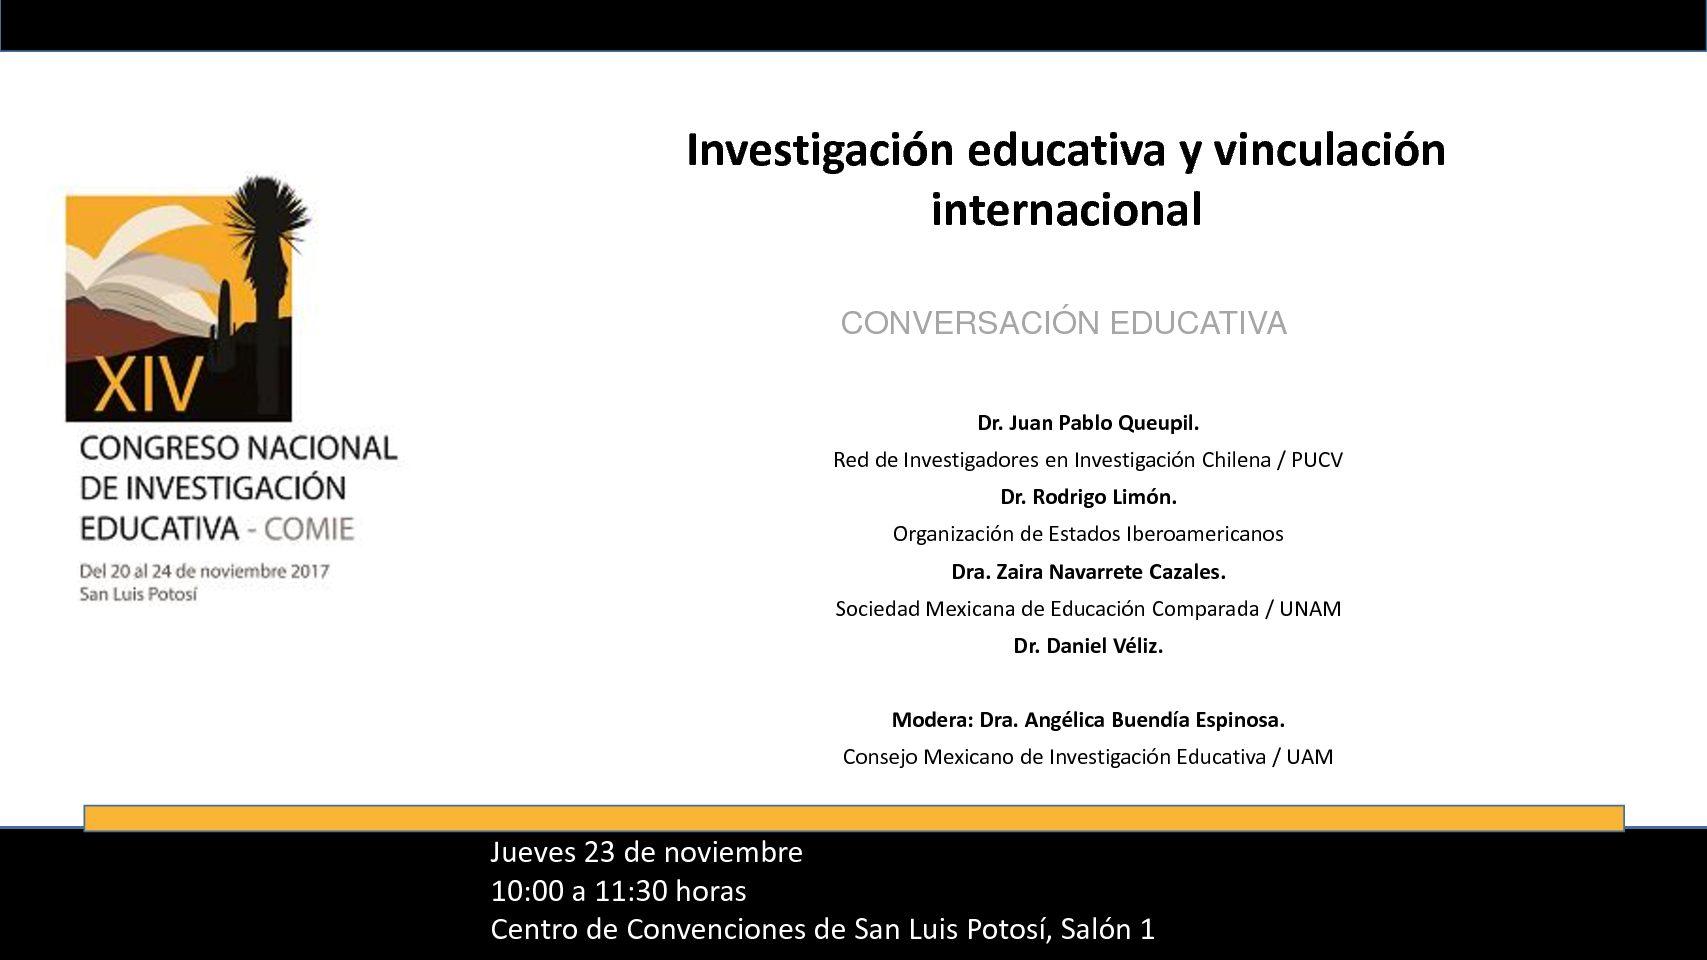 """Conversación educativa: """"Investigación educativa y vinculación internacional"""". San Luis Potosí, 23 noviembre 2017."""